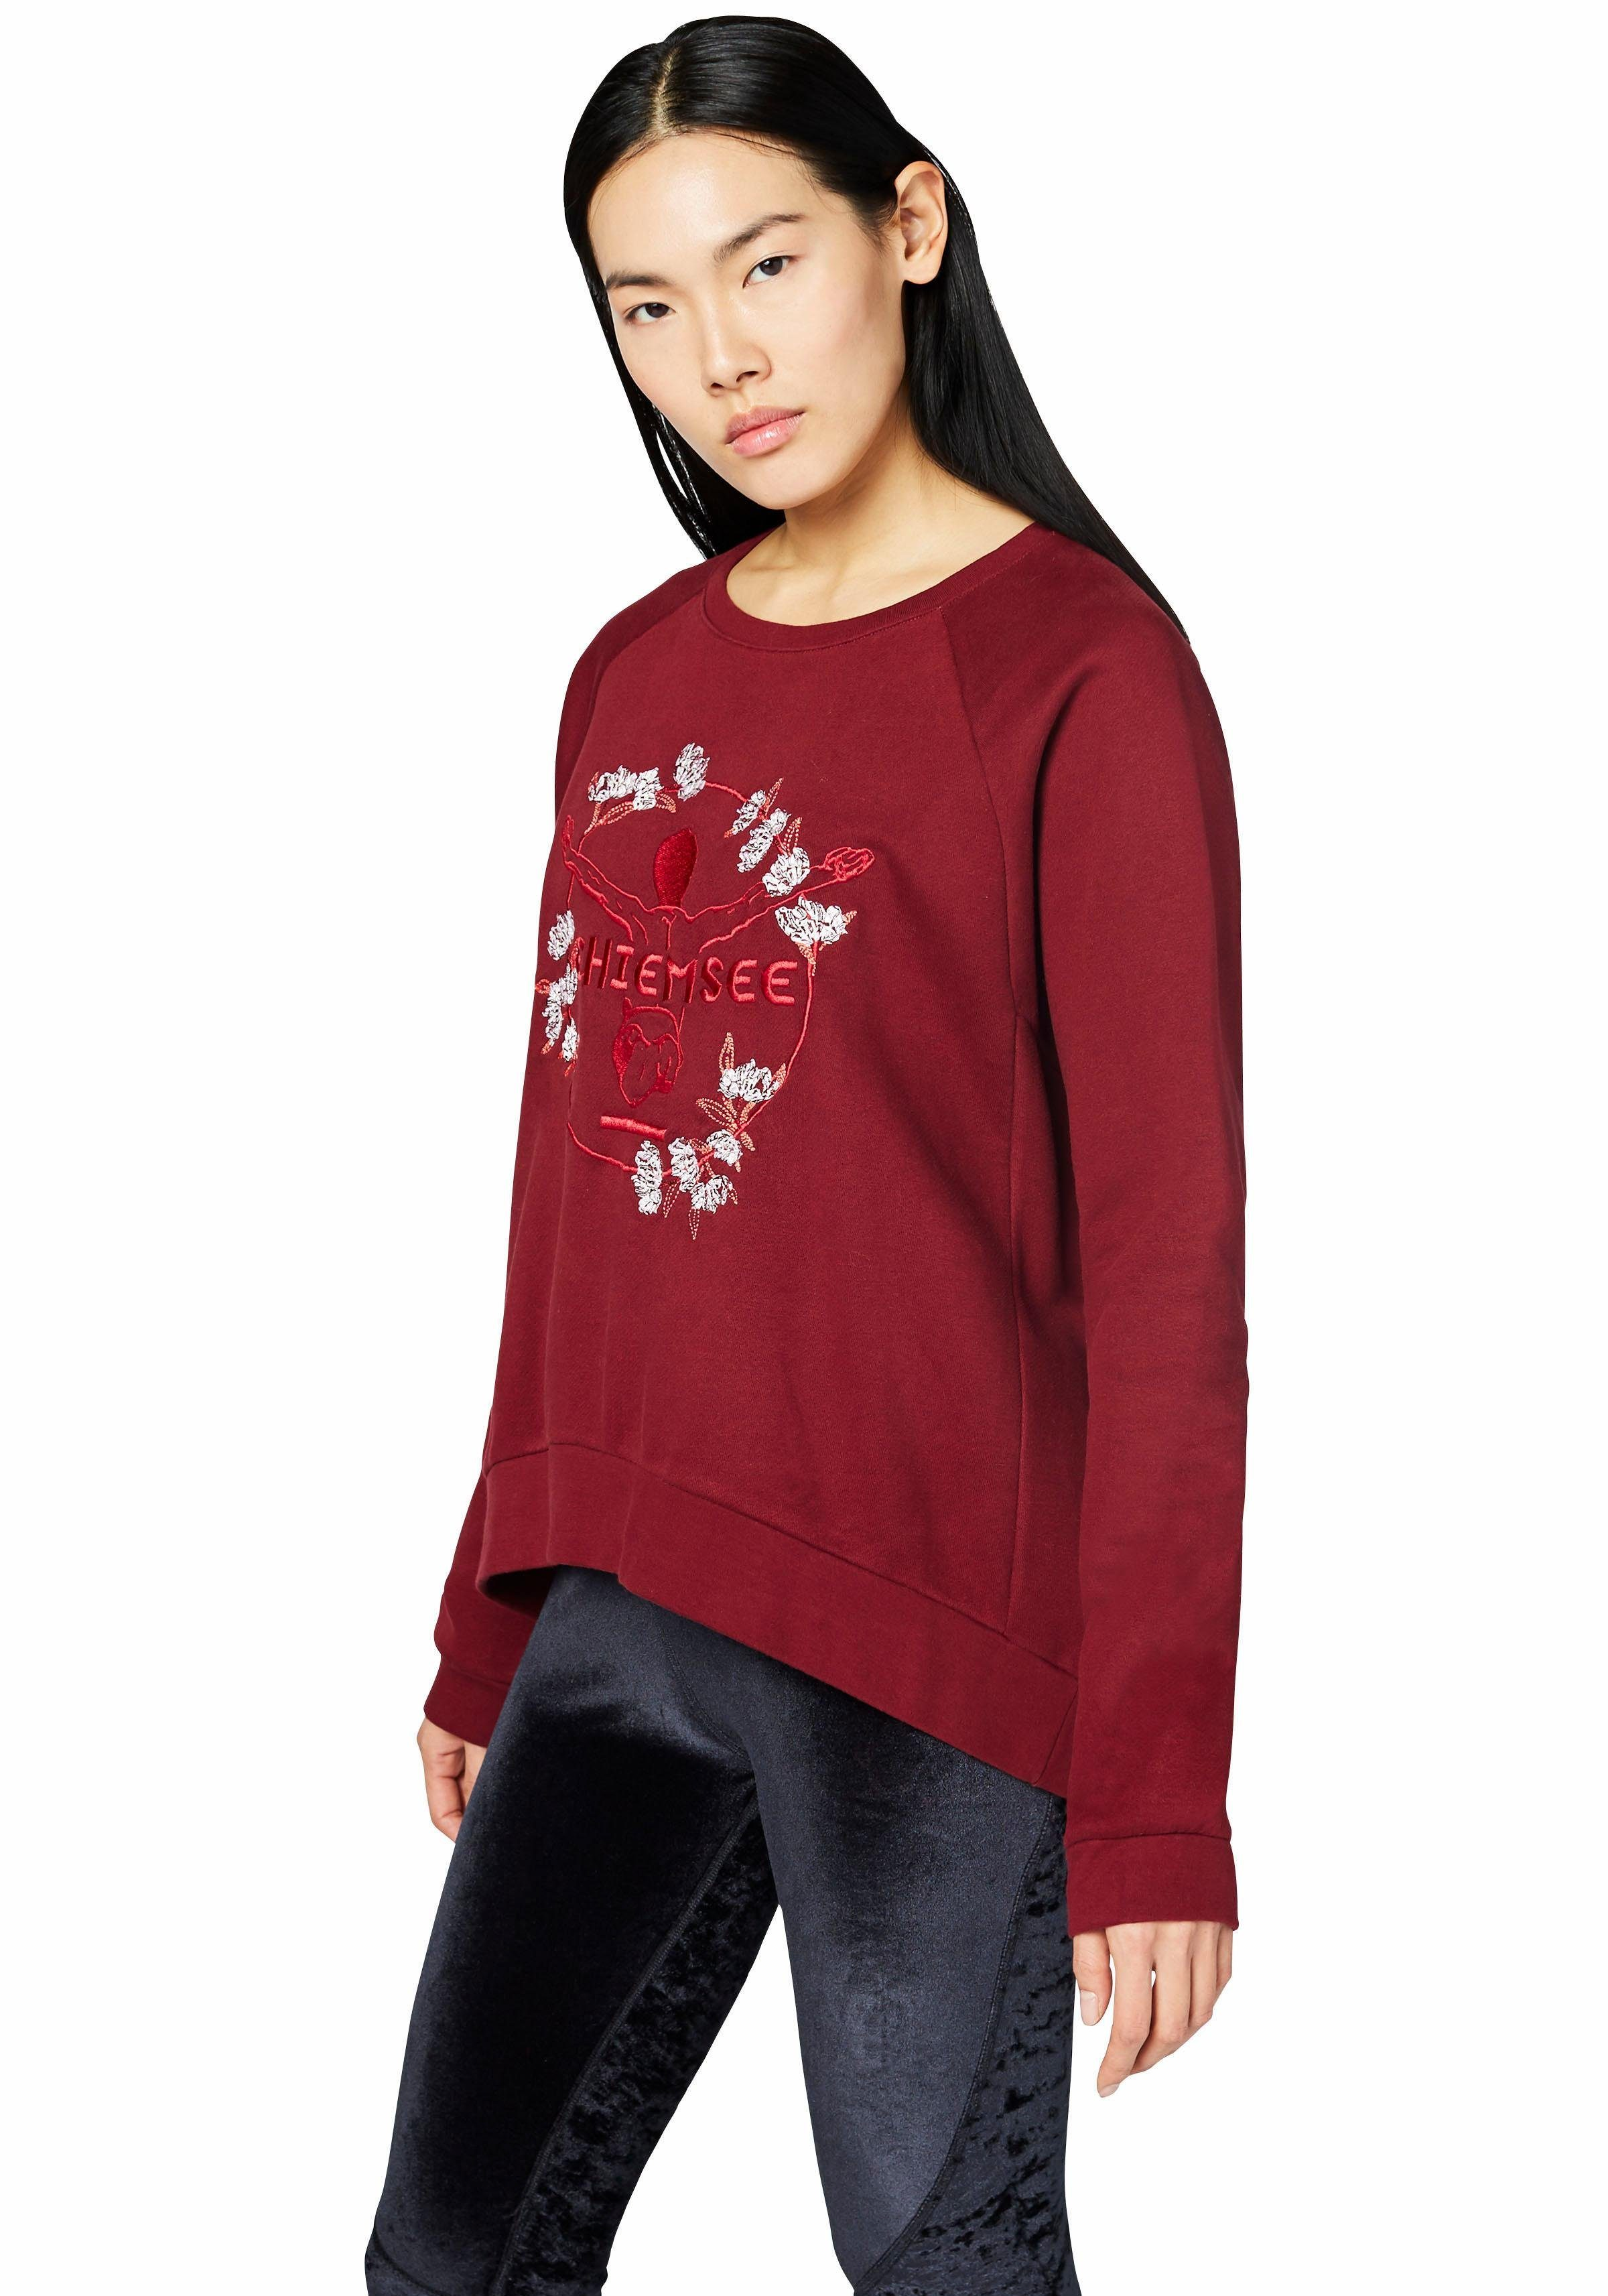 Damen Chiemsee Sweatshirt »SUN VALLEY« mit echter Stickerei  | 04054583241561